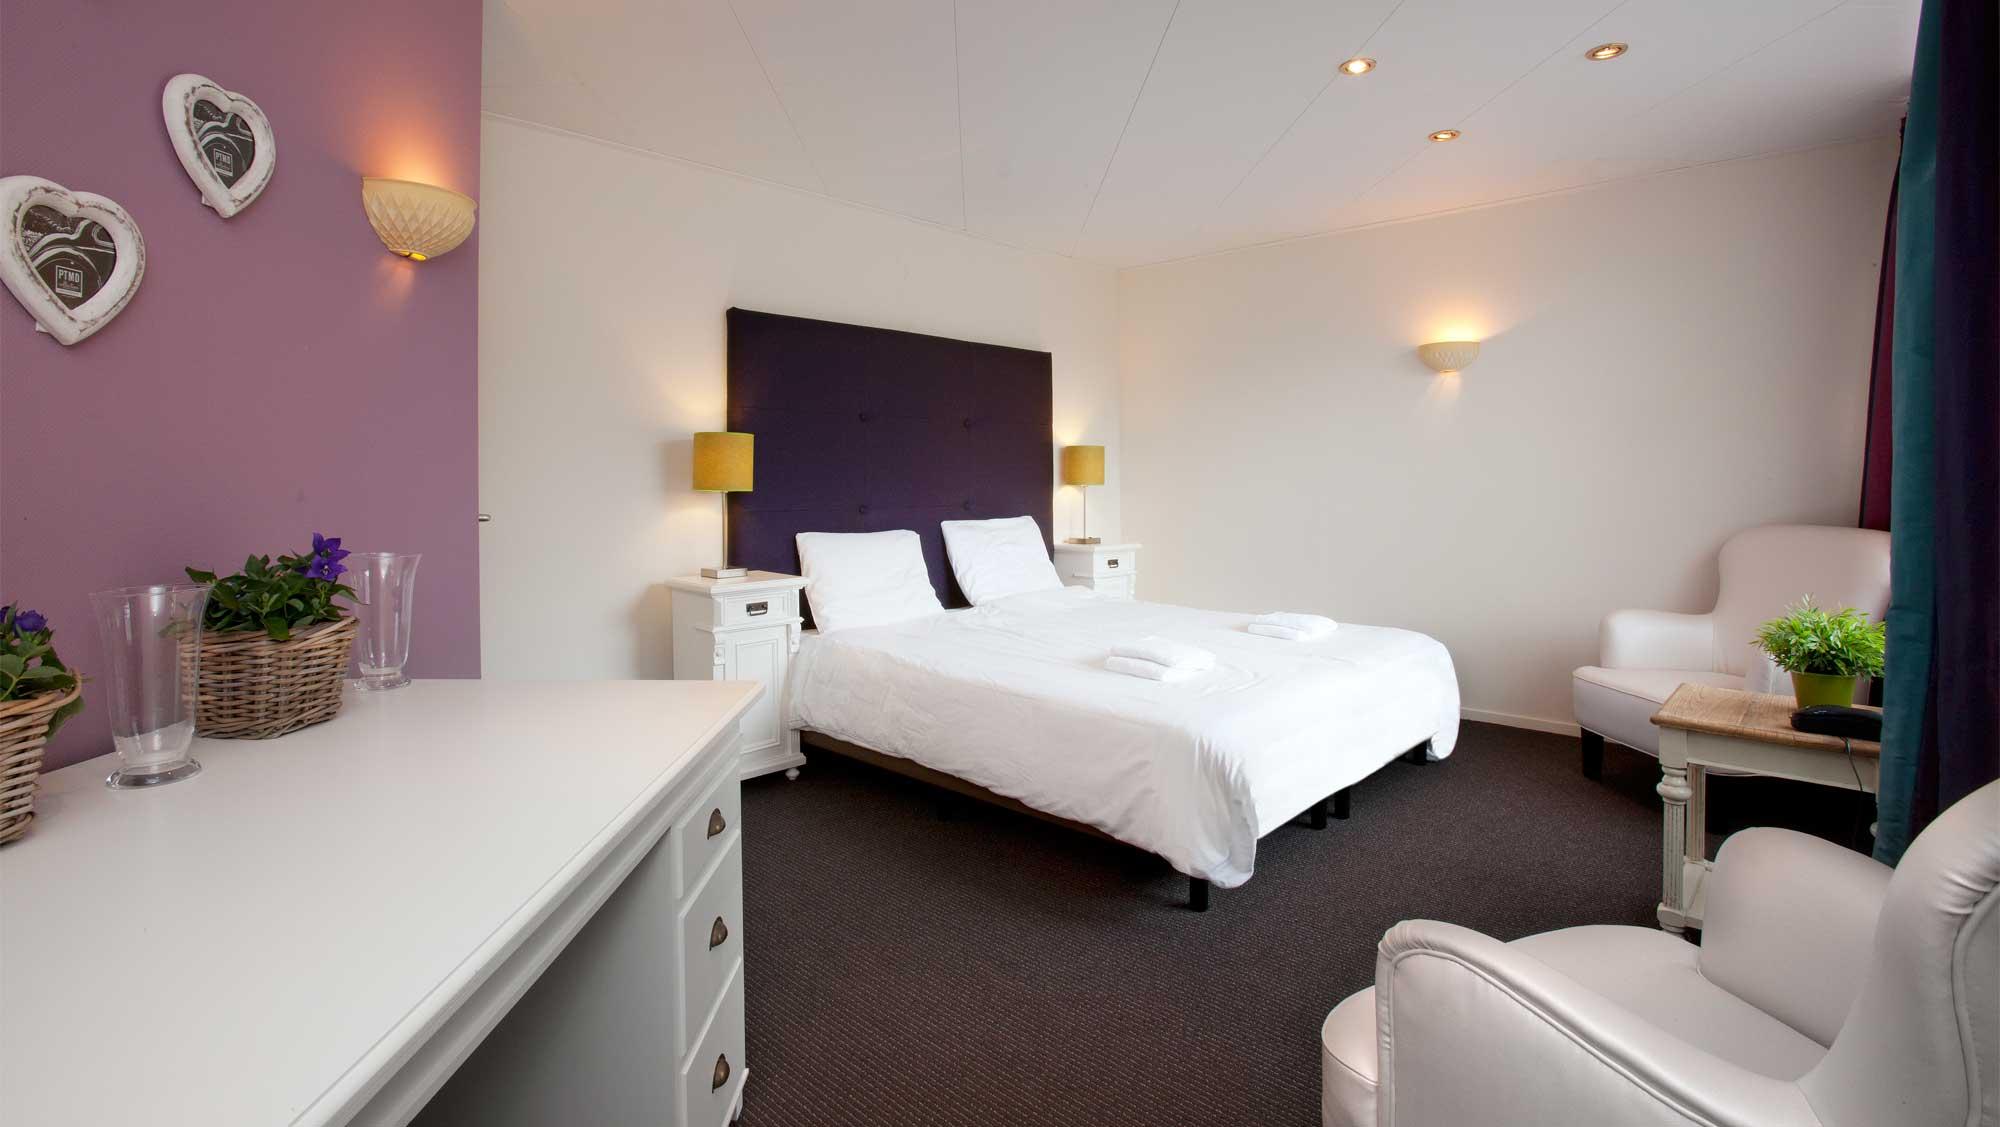 Gastenverblijf luxe kamer Molecaten Park Landgoed Ginkelduin